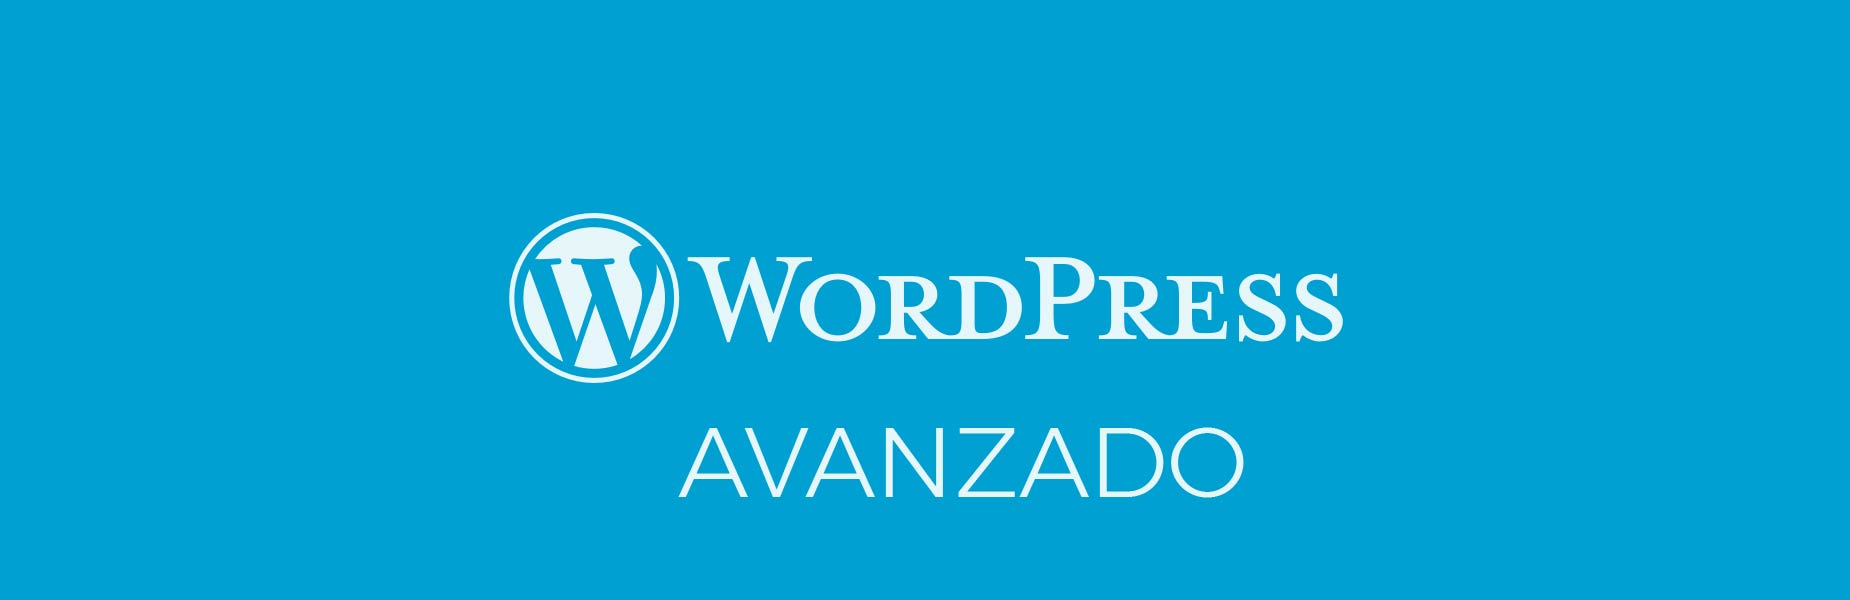 wordpress avanzado curso Web